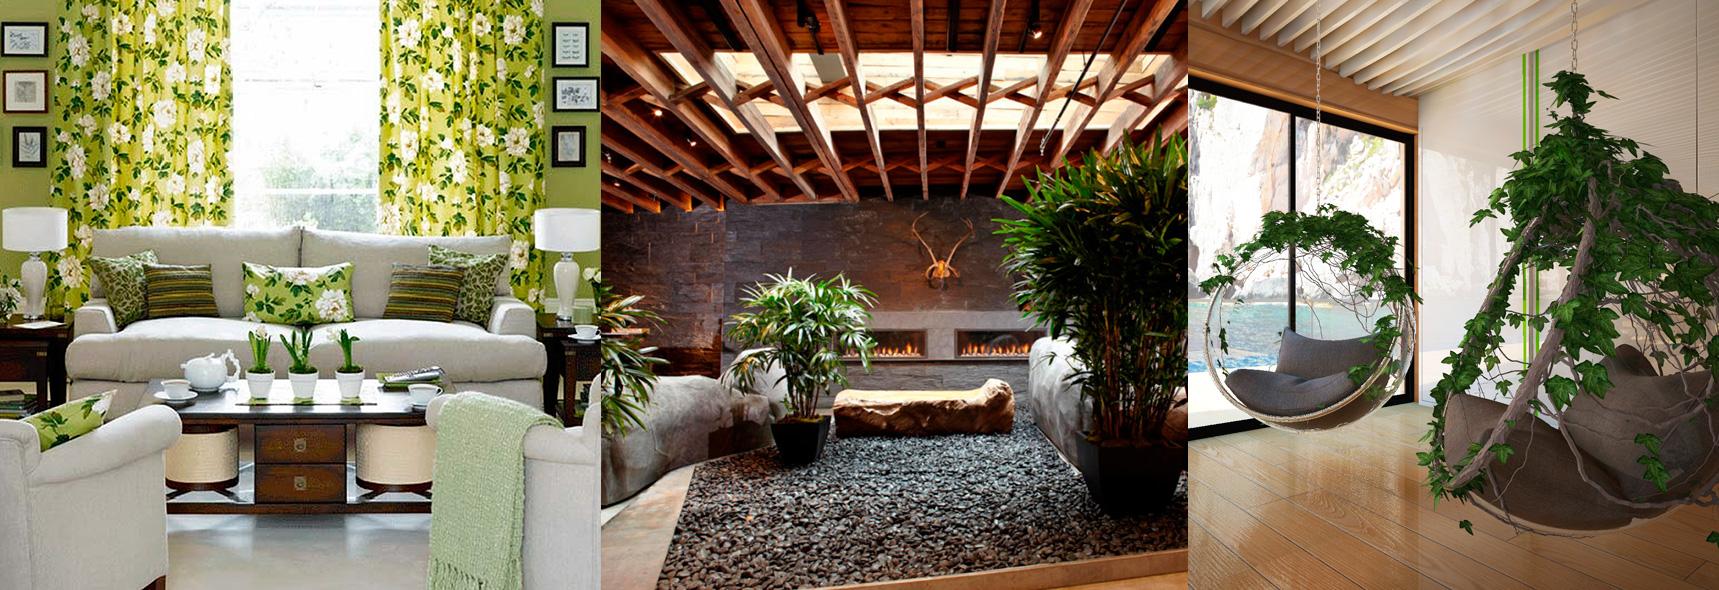 Применение эко-стиля в интерьерах квартир